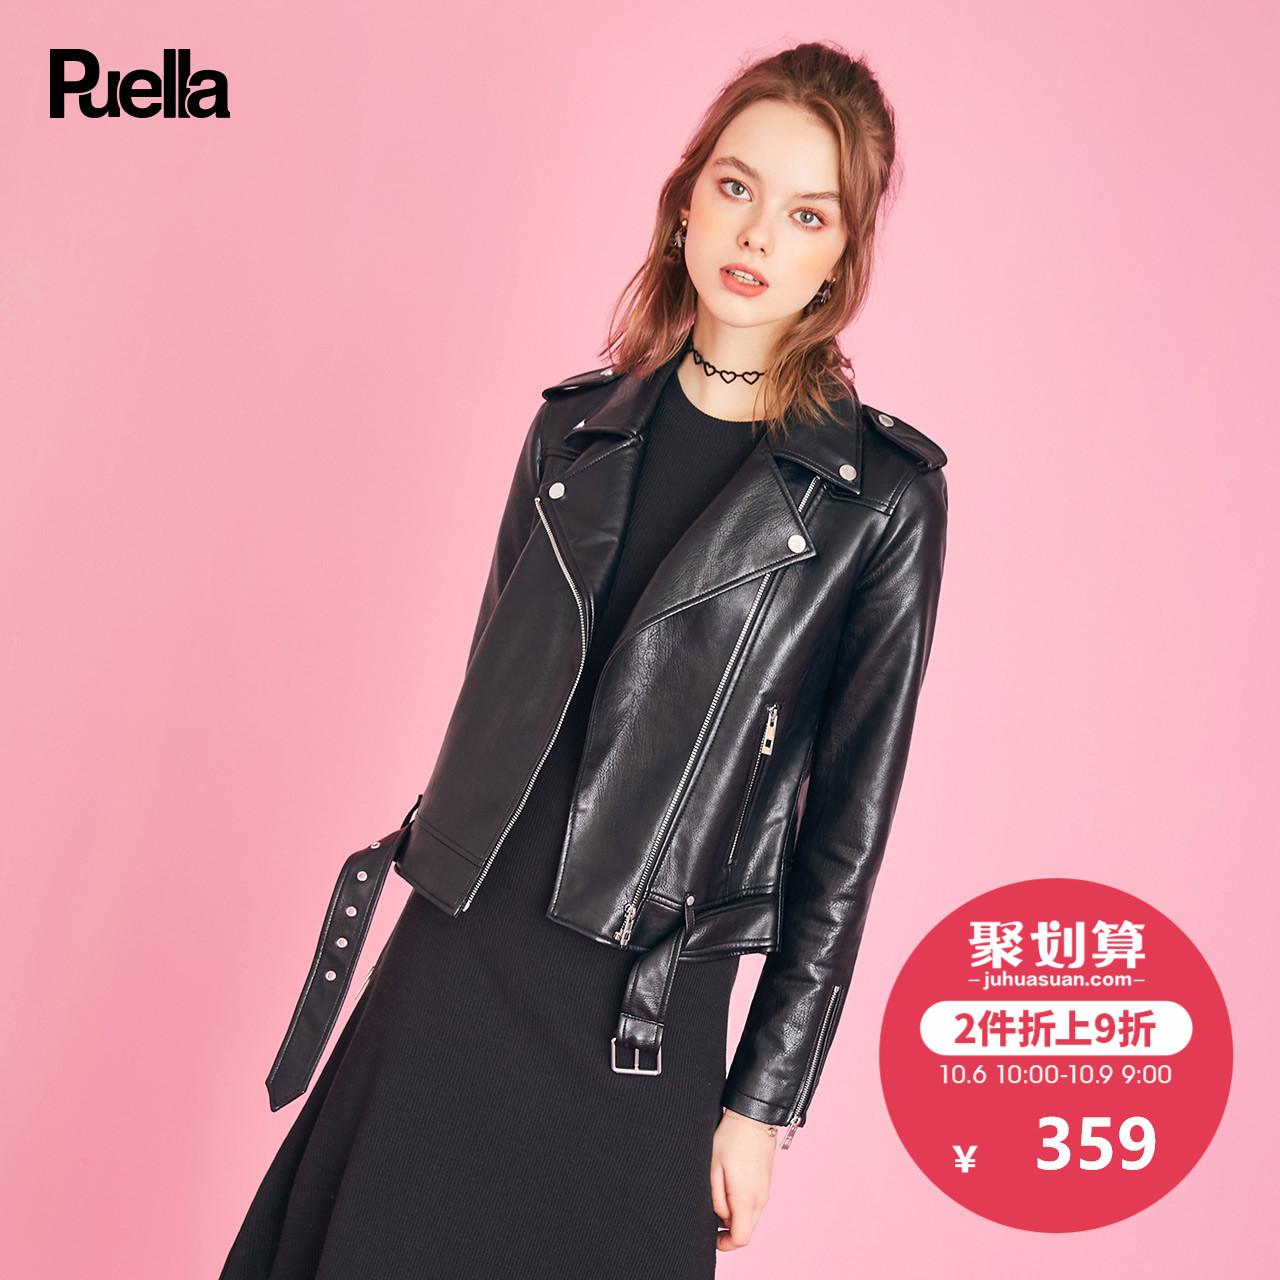 chic皮衣女士2018新款秋季韩版修身显瘦短款学生机车皮夹克外套潮